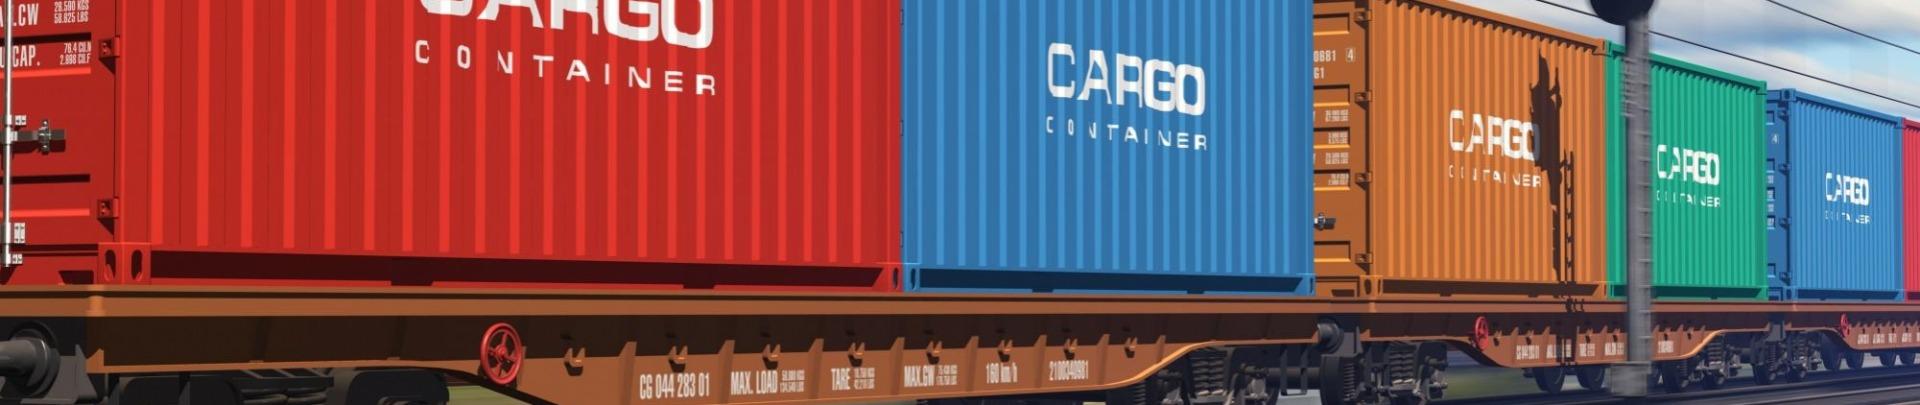 Goederentrein Wagons met de tekst cargo